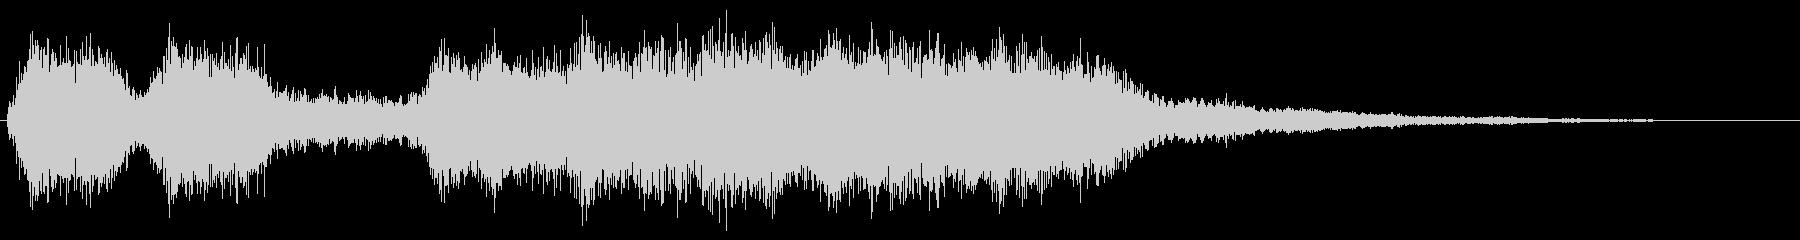 ダークに響くファンファーレ 重厚 魔族の未再生の波形